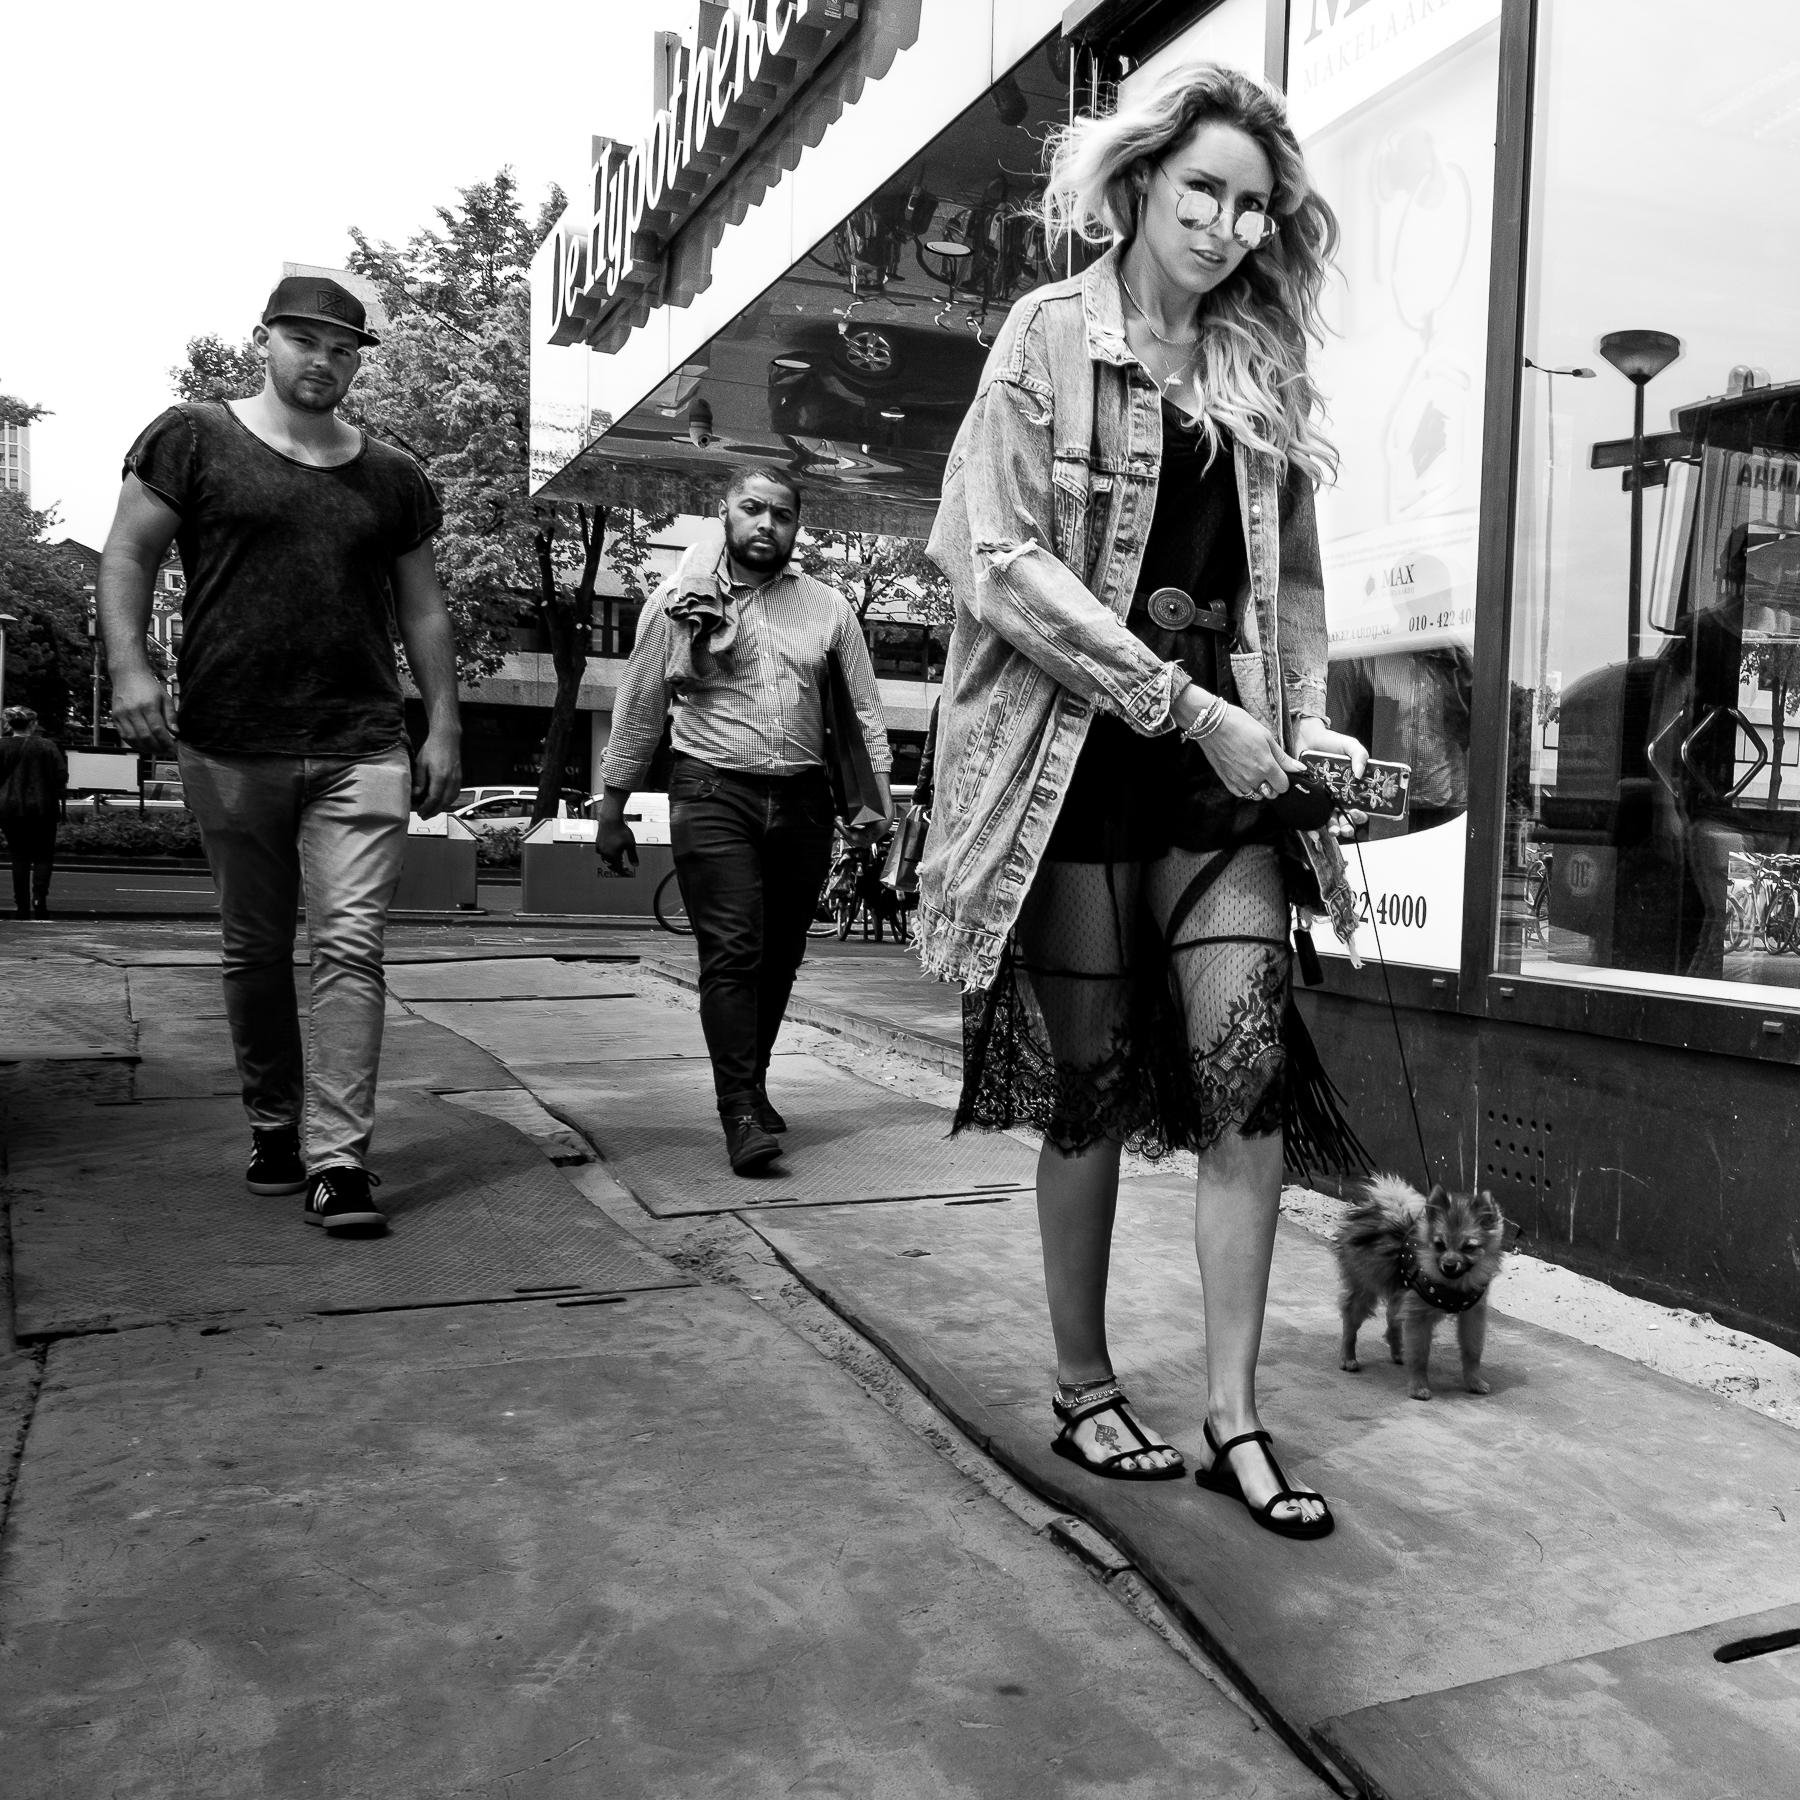 Rotterdam Street Photo-498.jpg